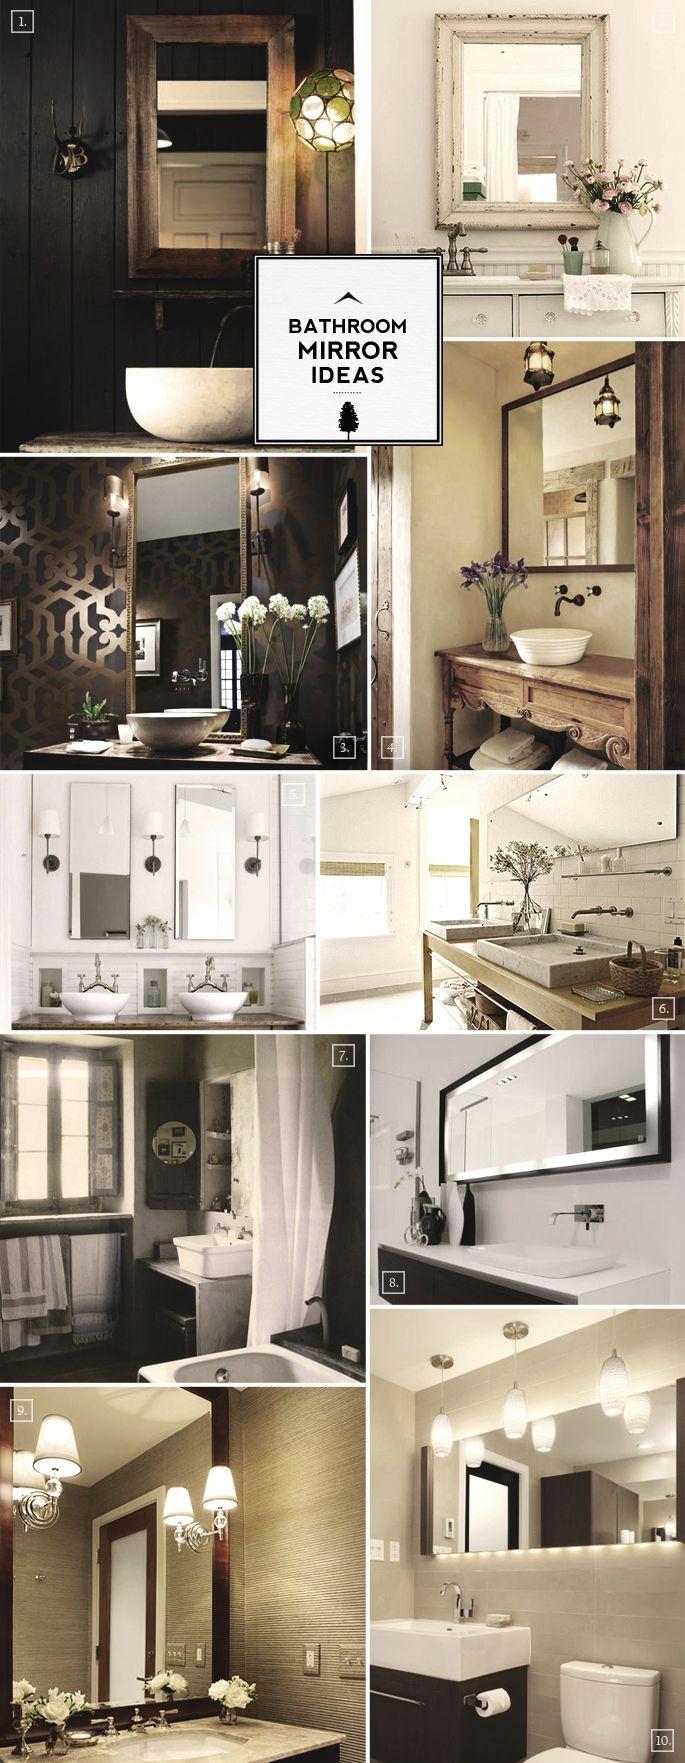 Designer Bathroom Mirror Ideas: From Lighting to Framing